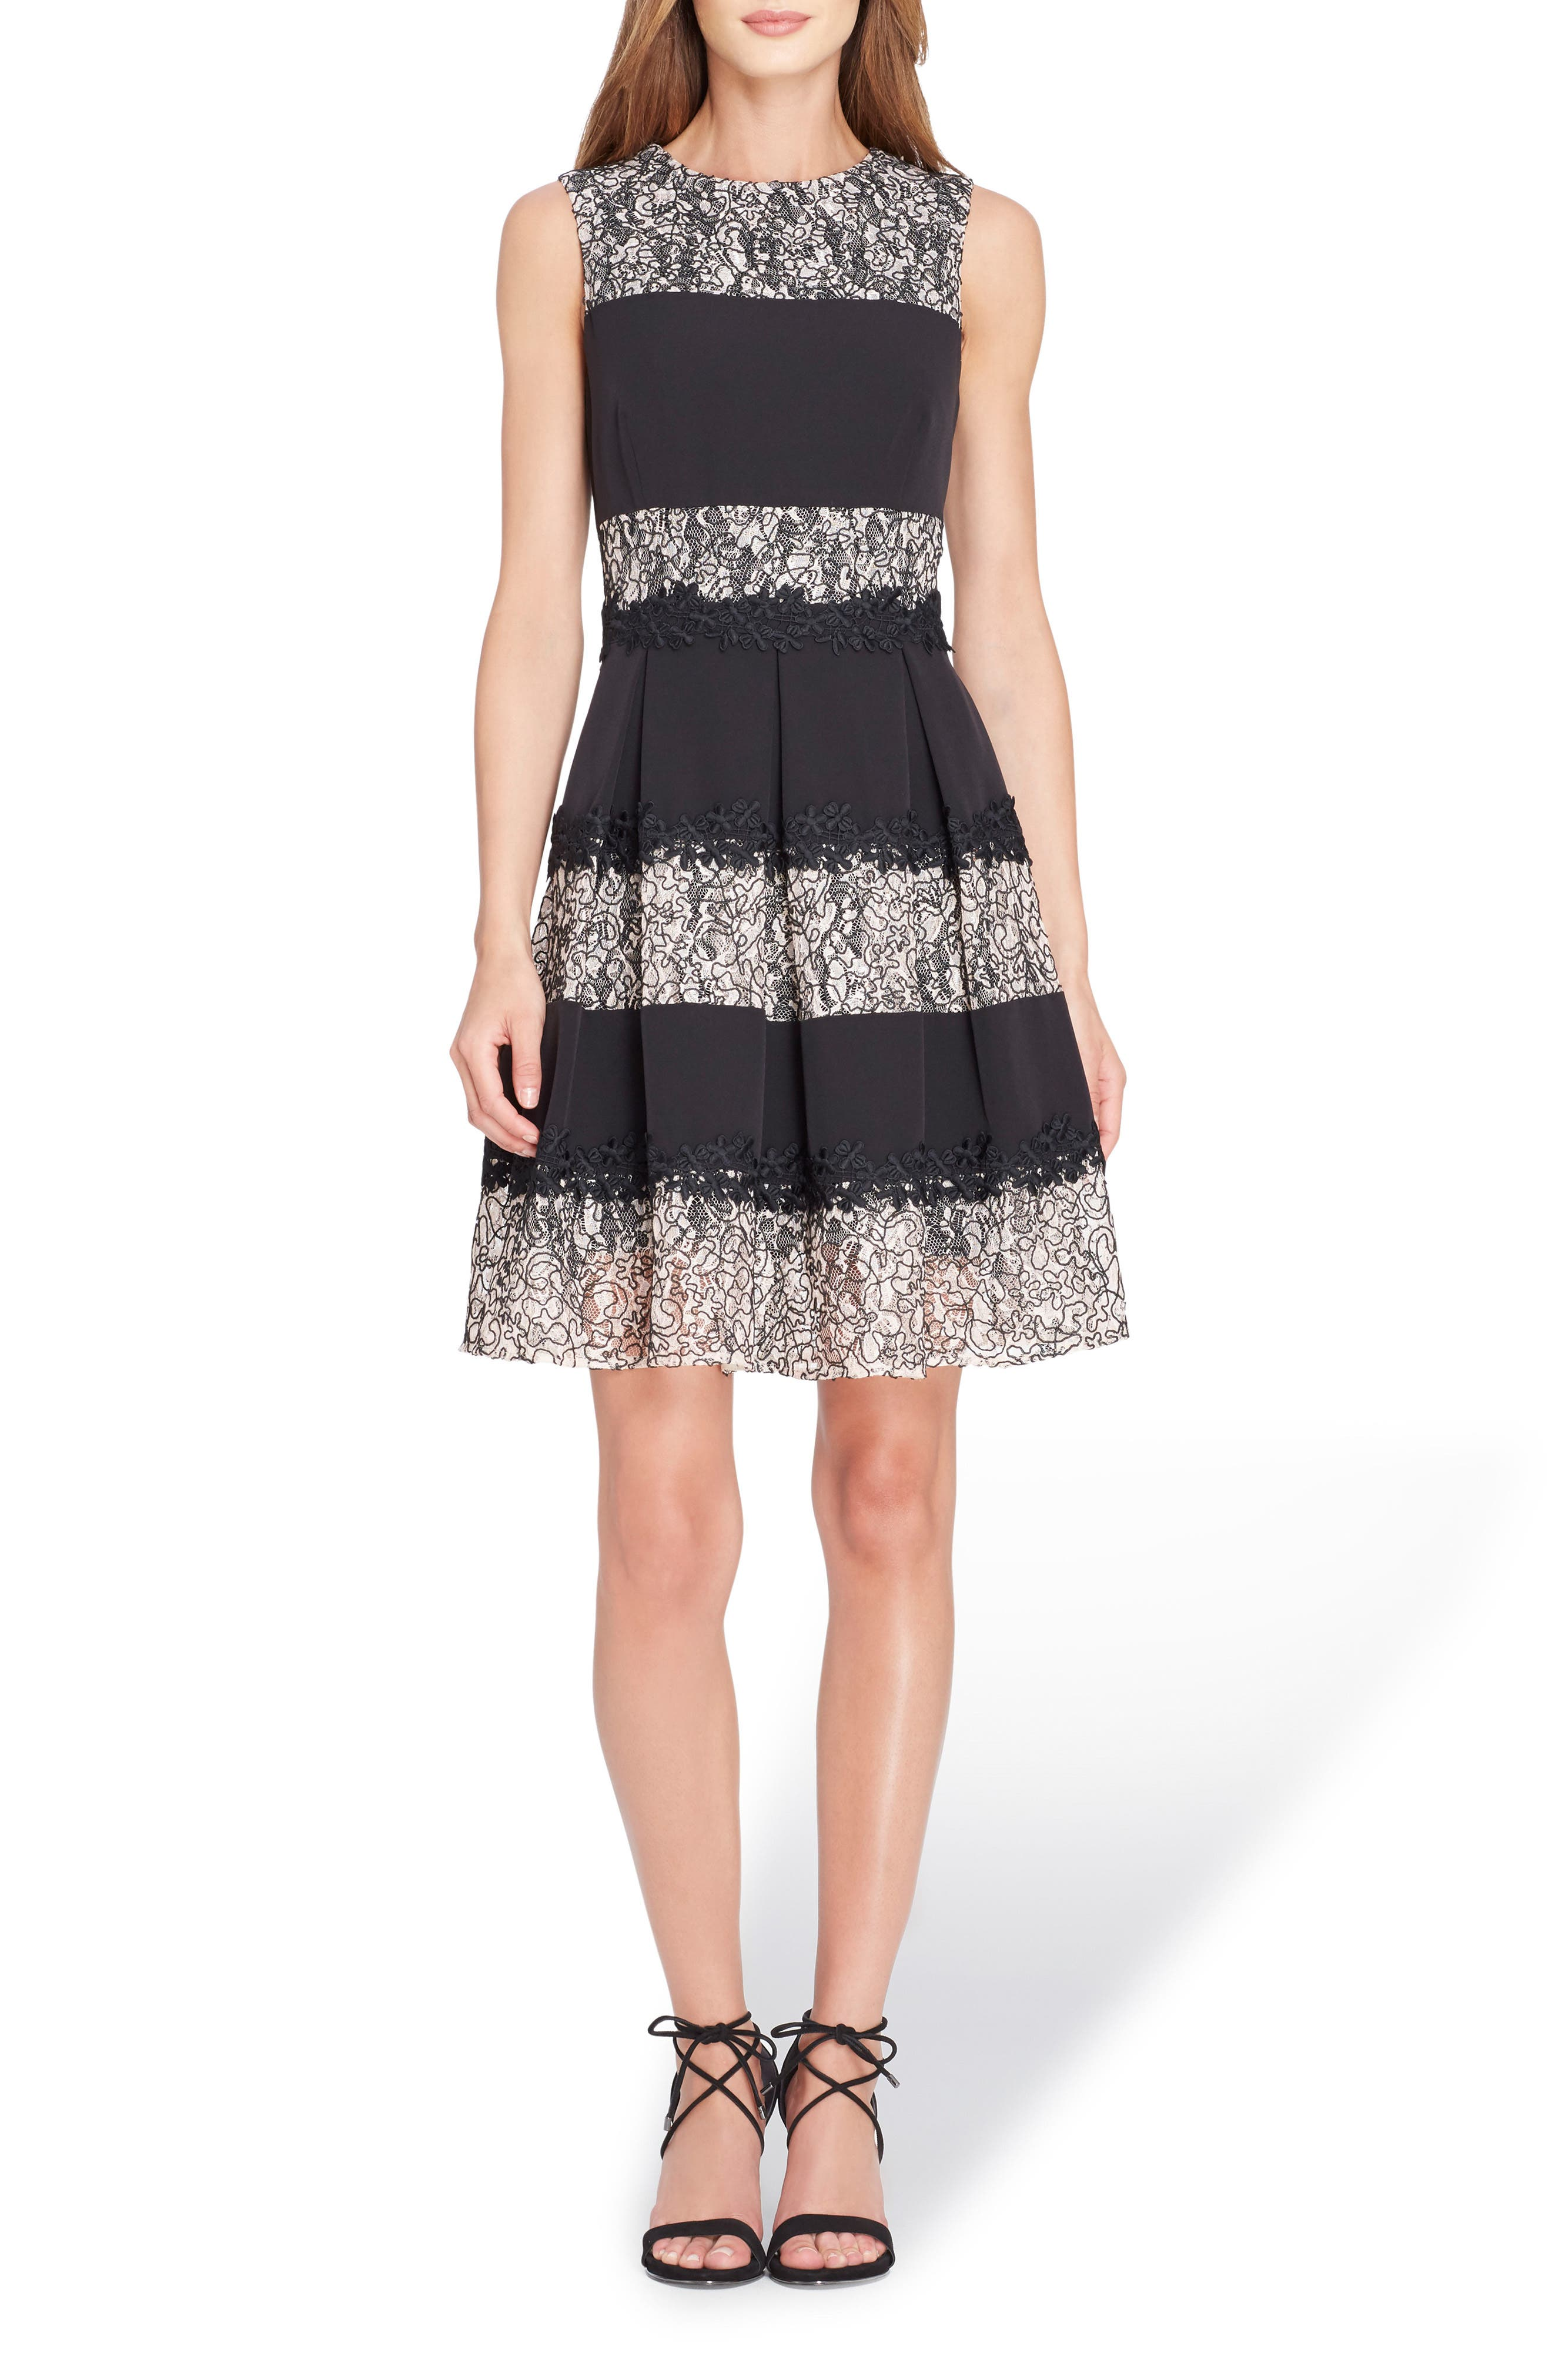 Alternate Image 1 Selected - Tahari Stripe Lace Fit & Flare Dress (Regular & Petite)